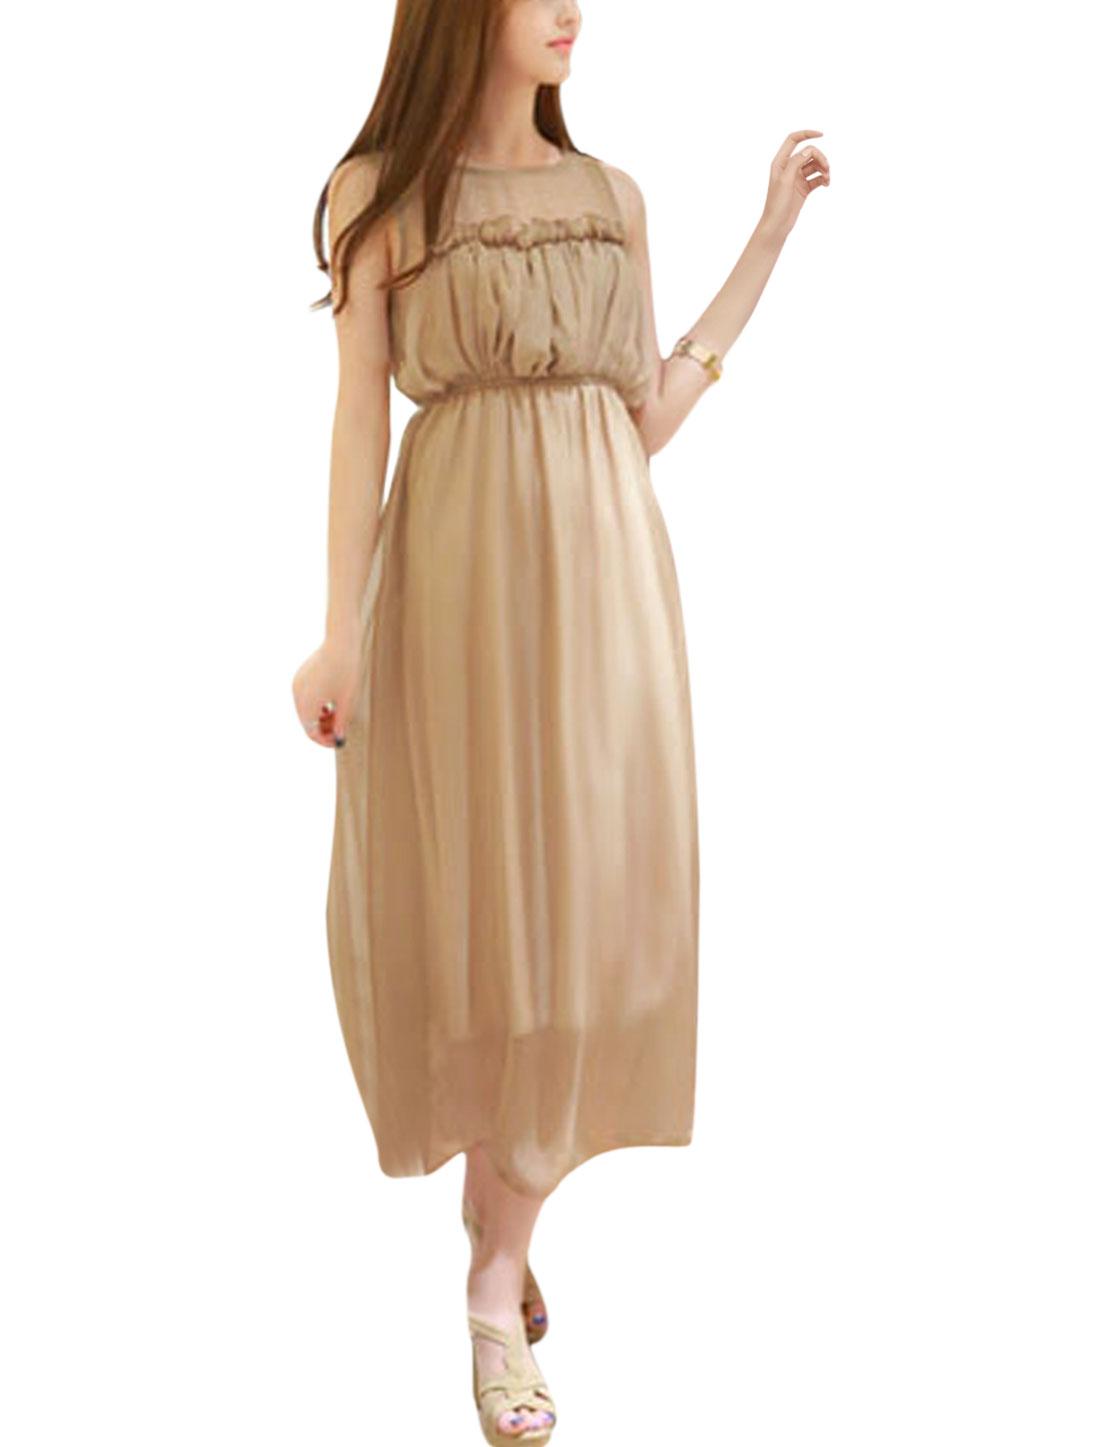 Women Round Neck Sleeveless Full Lined Elastic Waisted Chiffon Dress Camel M